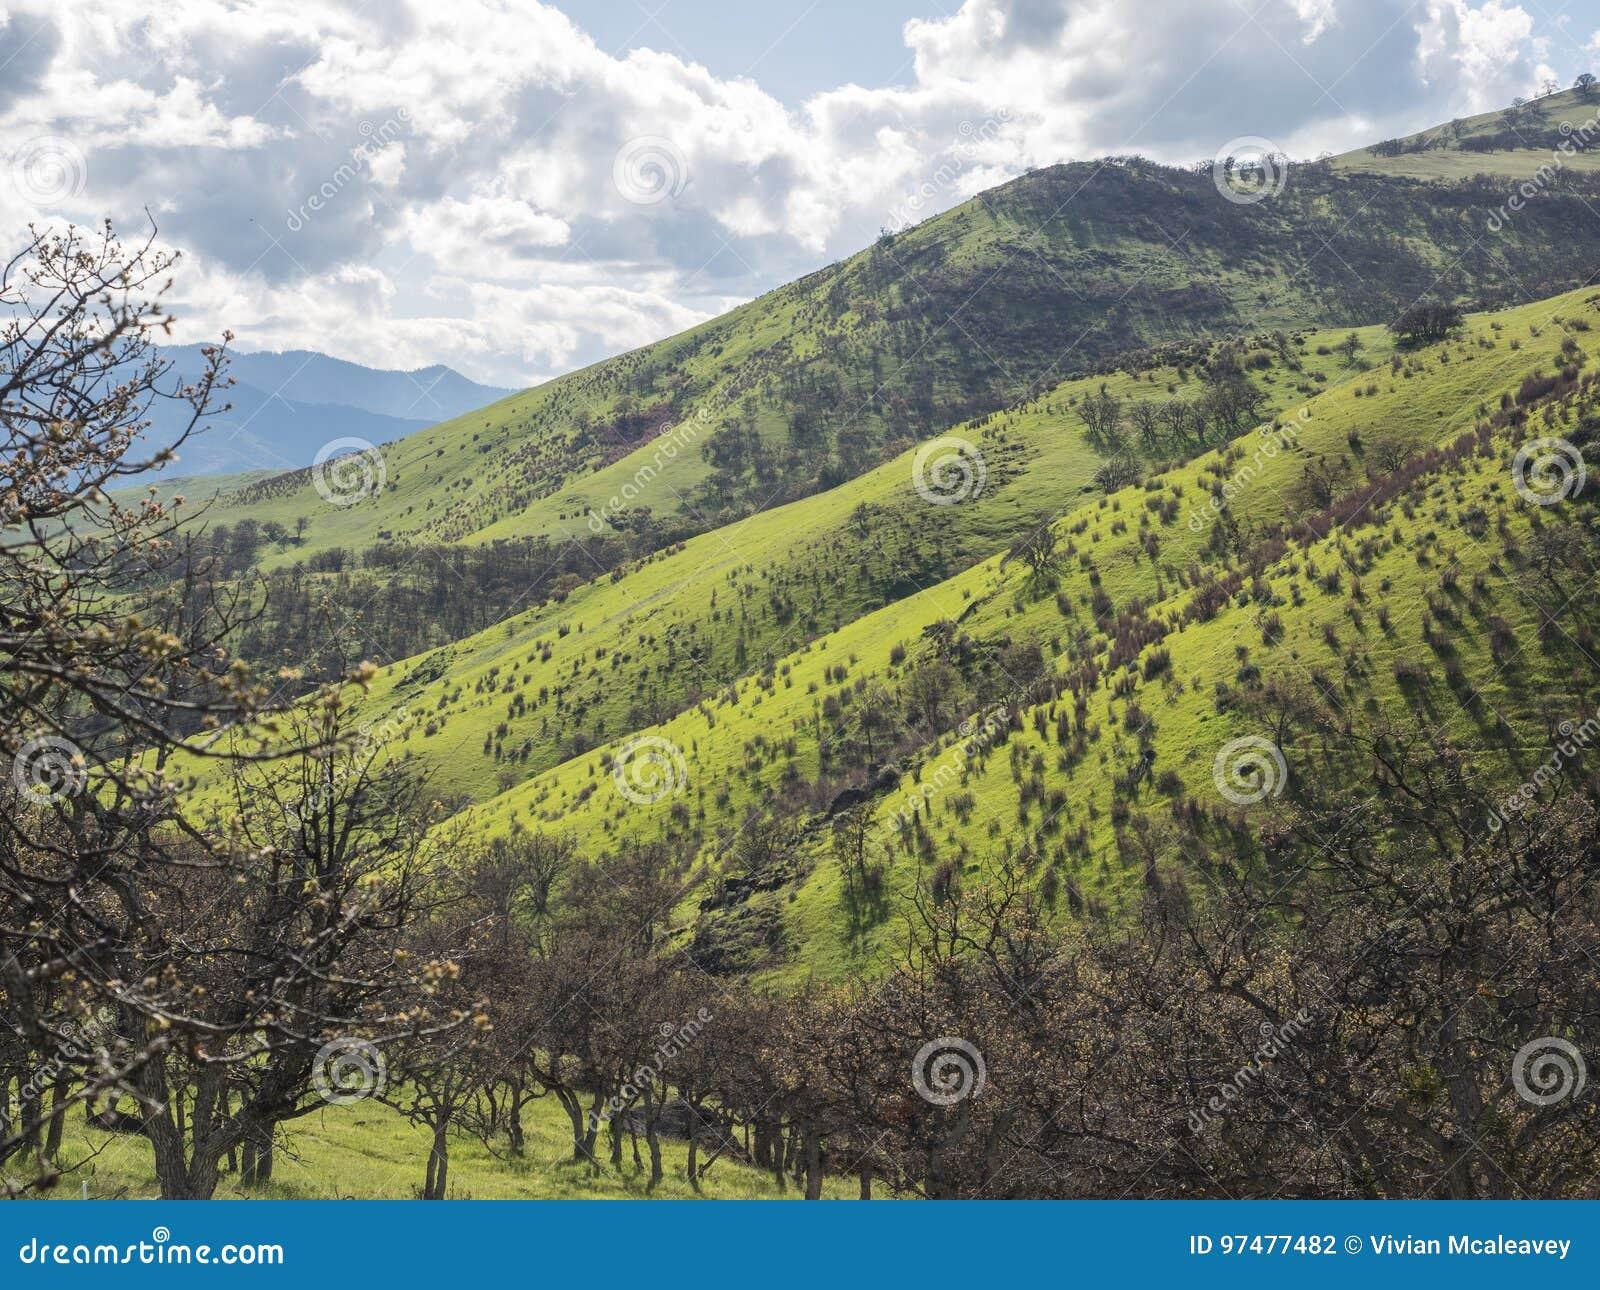 Groene weiden op bergen met eiken bomen